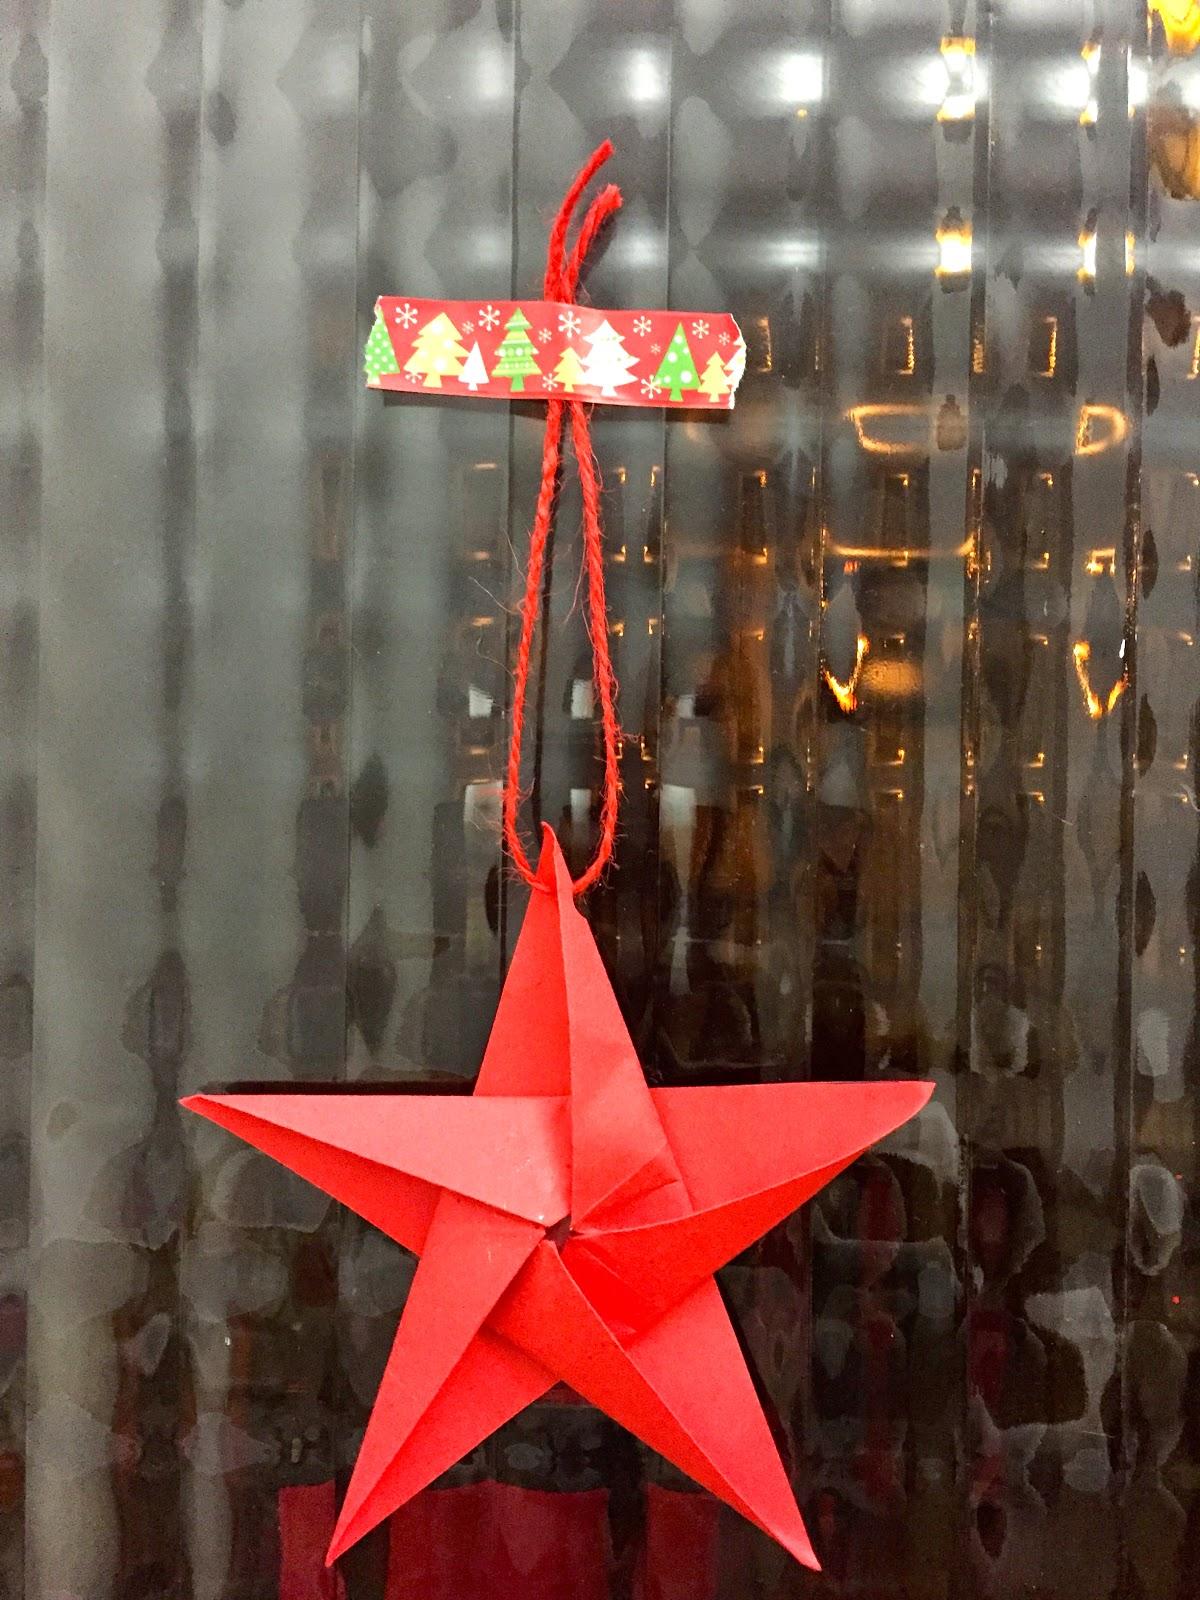 Estrellas de navidad manualidades - Manualidades de estrellas de navidad ...